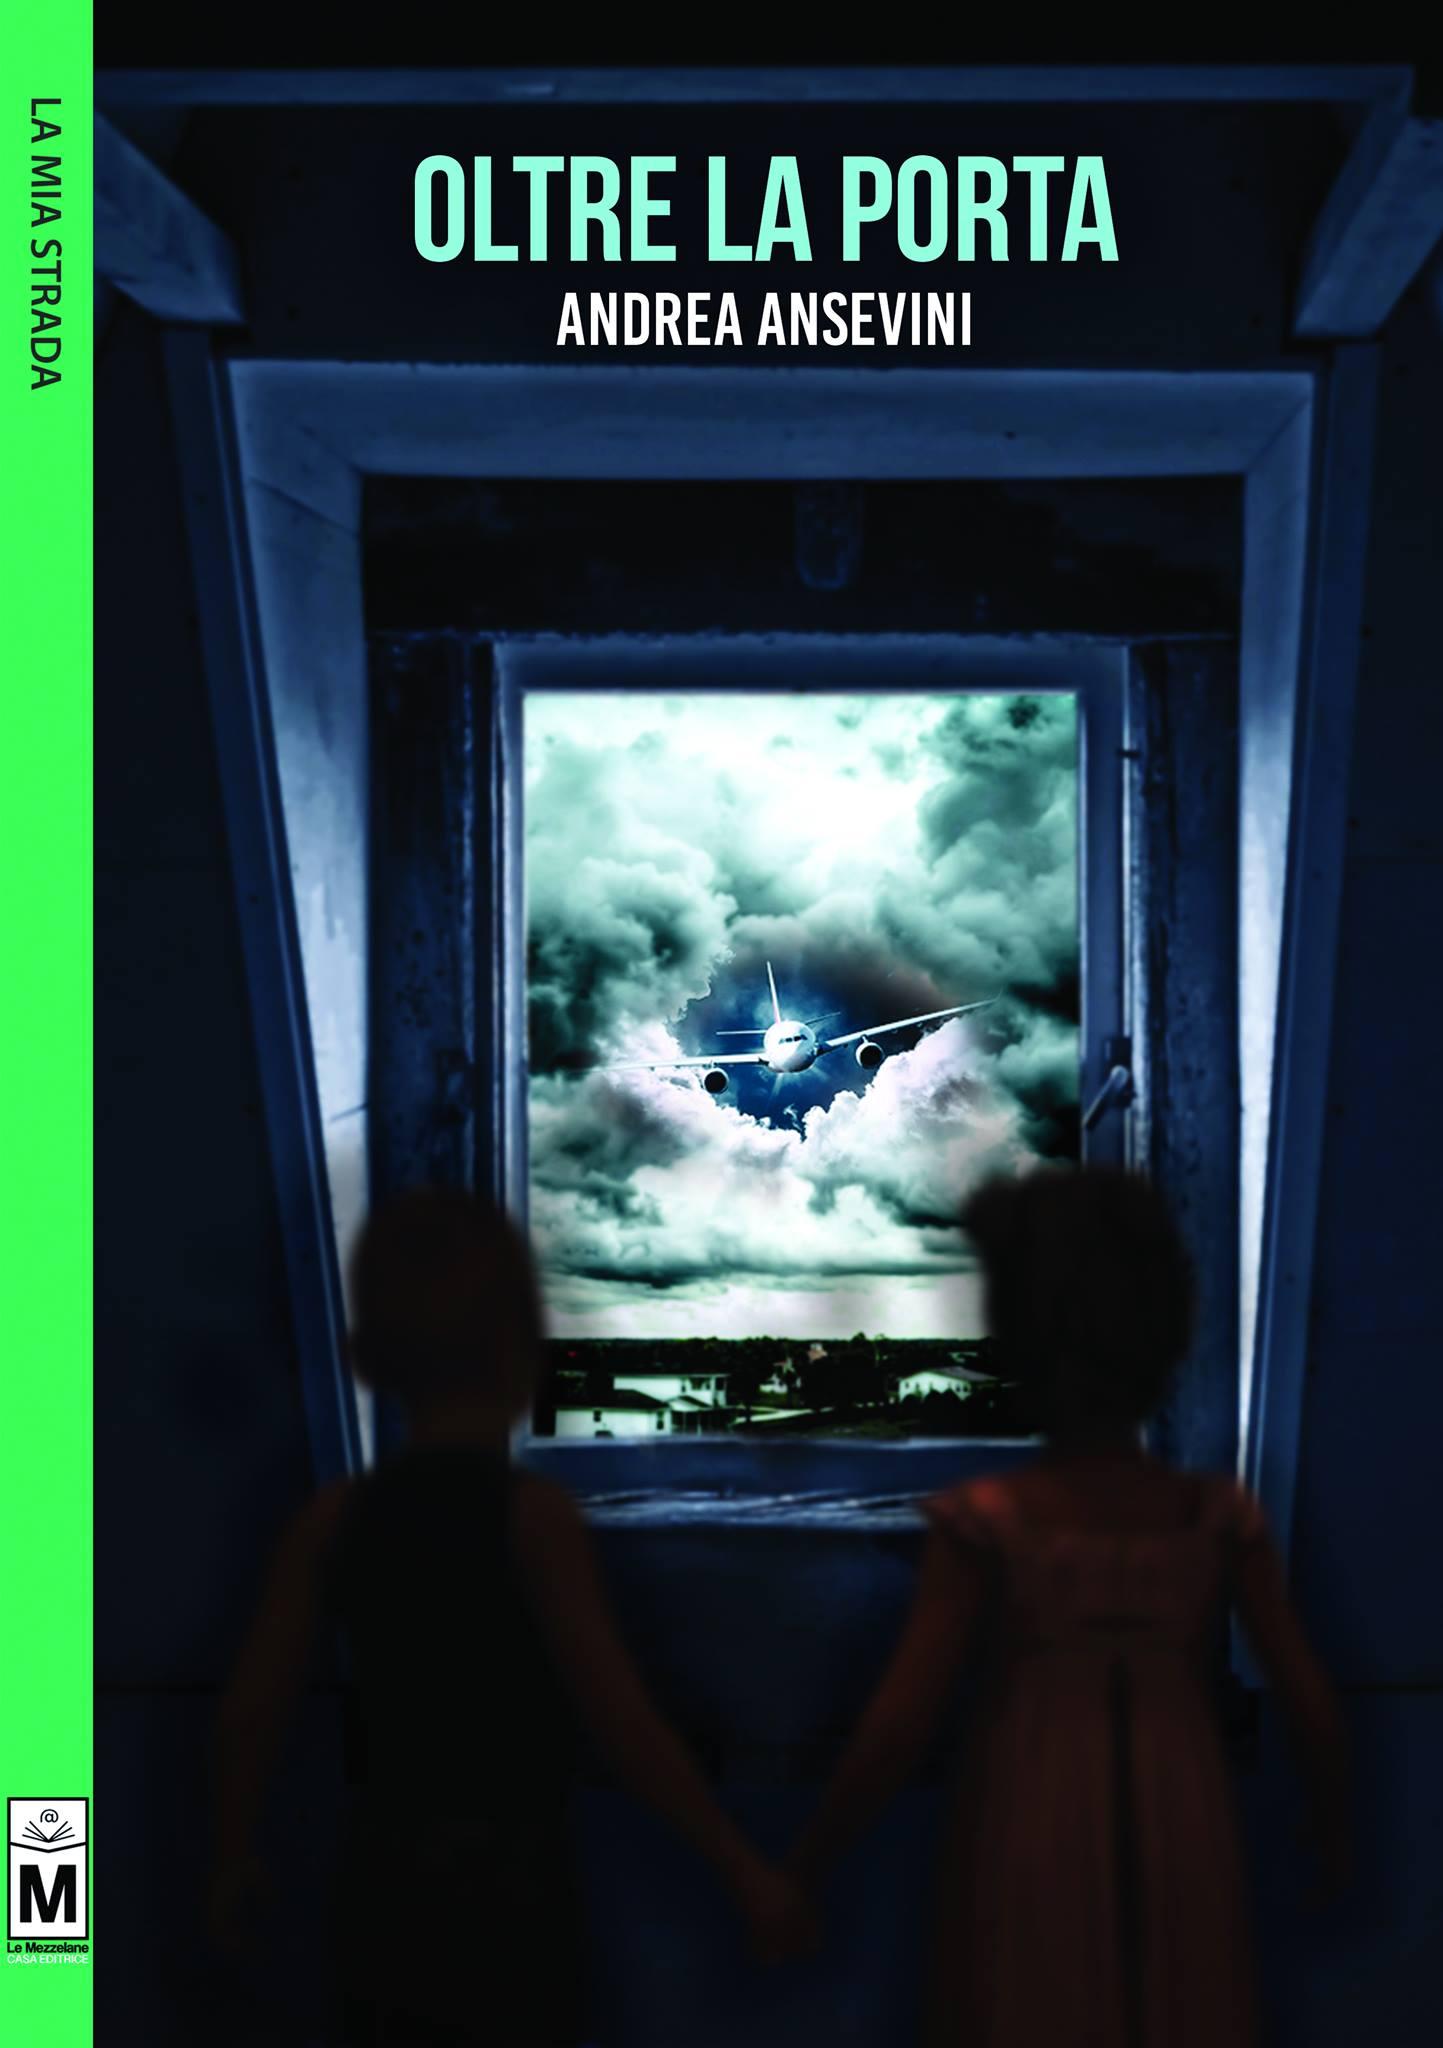 Oltre la porta di Andrea Snasovini